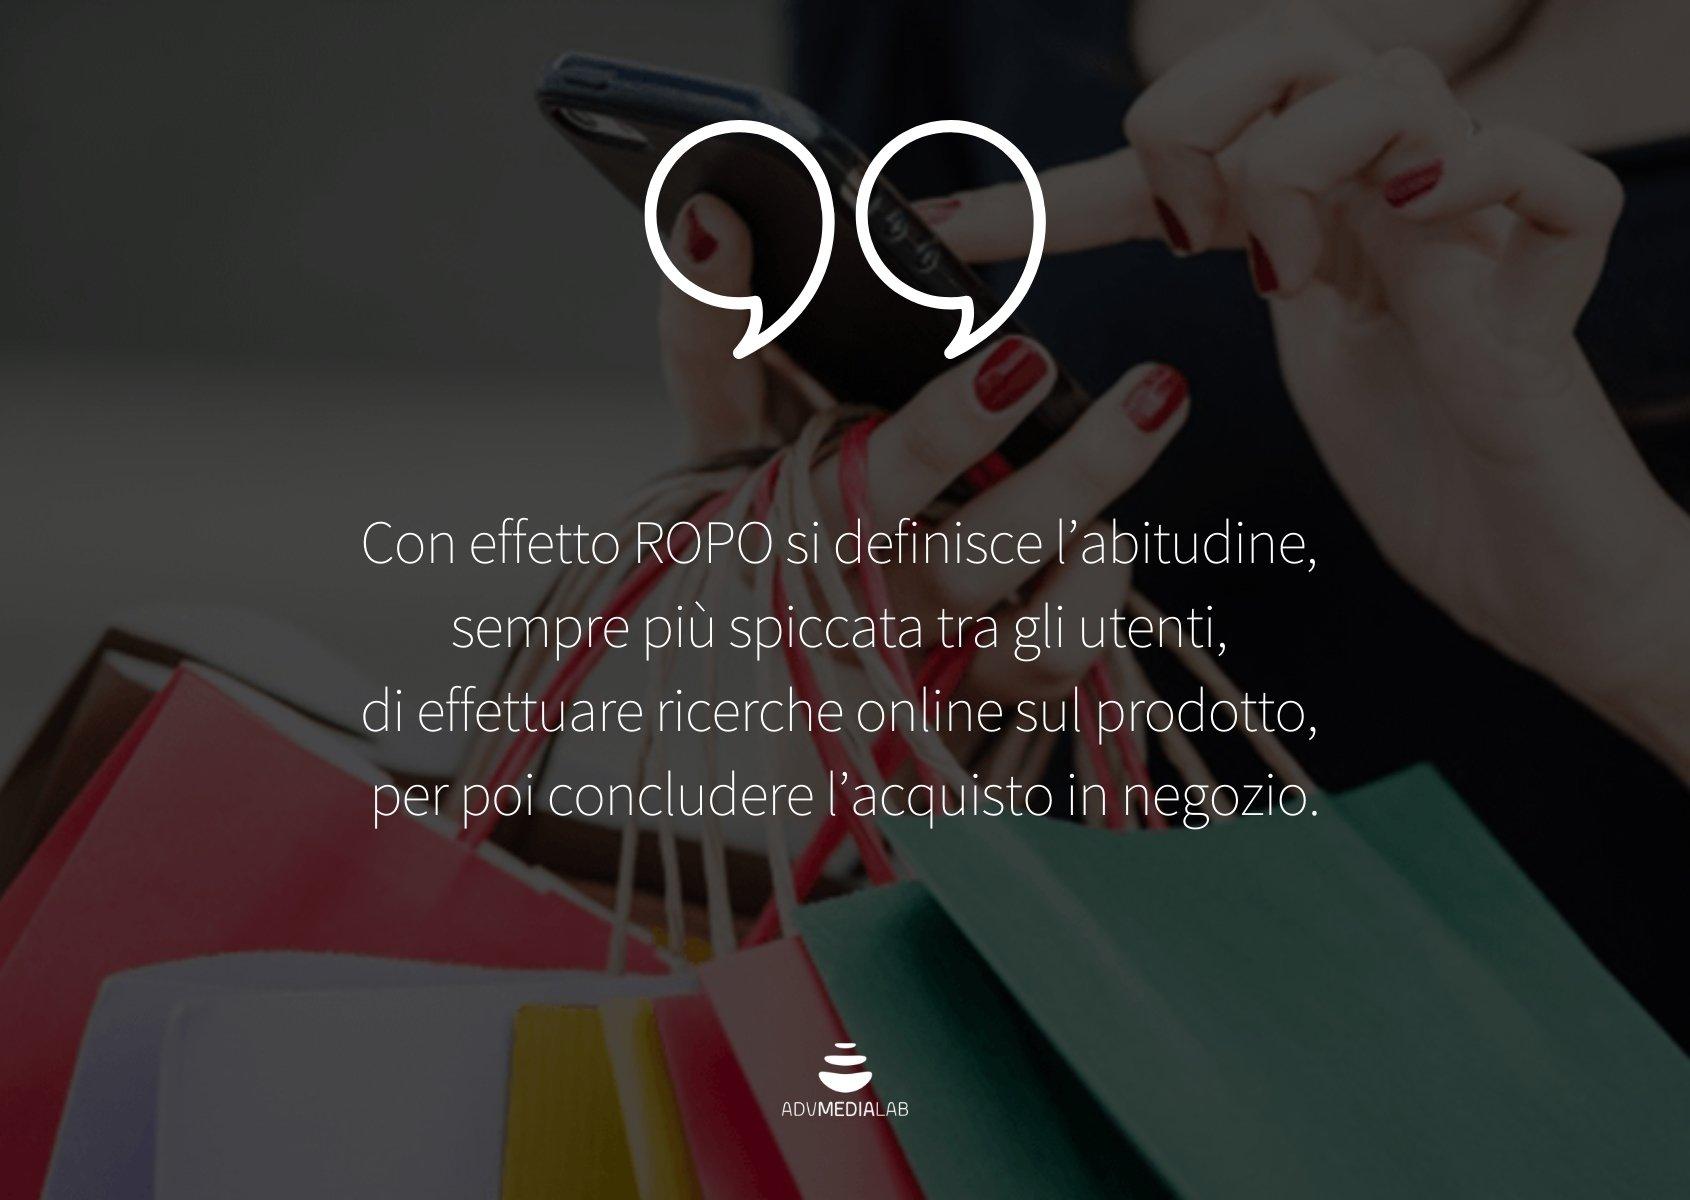 Con effetto ROPO si definisce l'abitudine di effettuare ricerche online sul prodotto, per poi concludere l'acquisto in negozio.